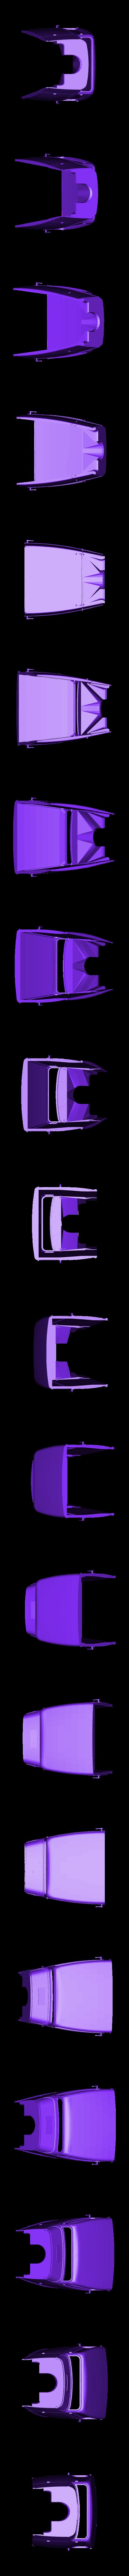 hotrod 1.stl Download STL file Fury road hotrod bodyshell 1/10 • 3D printing design, RCGANG93